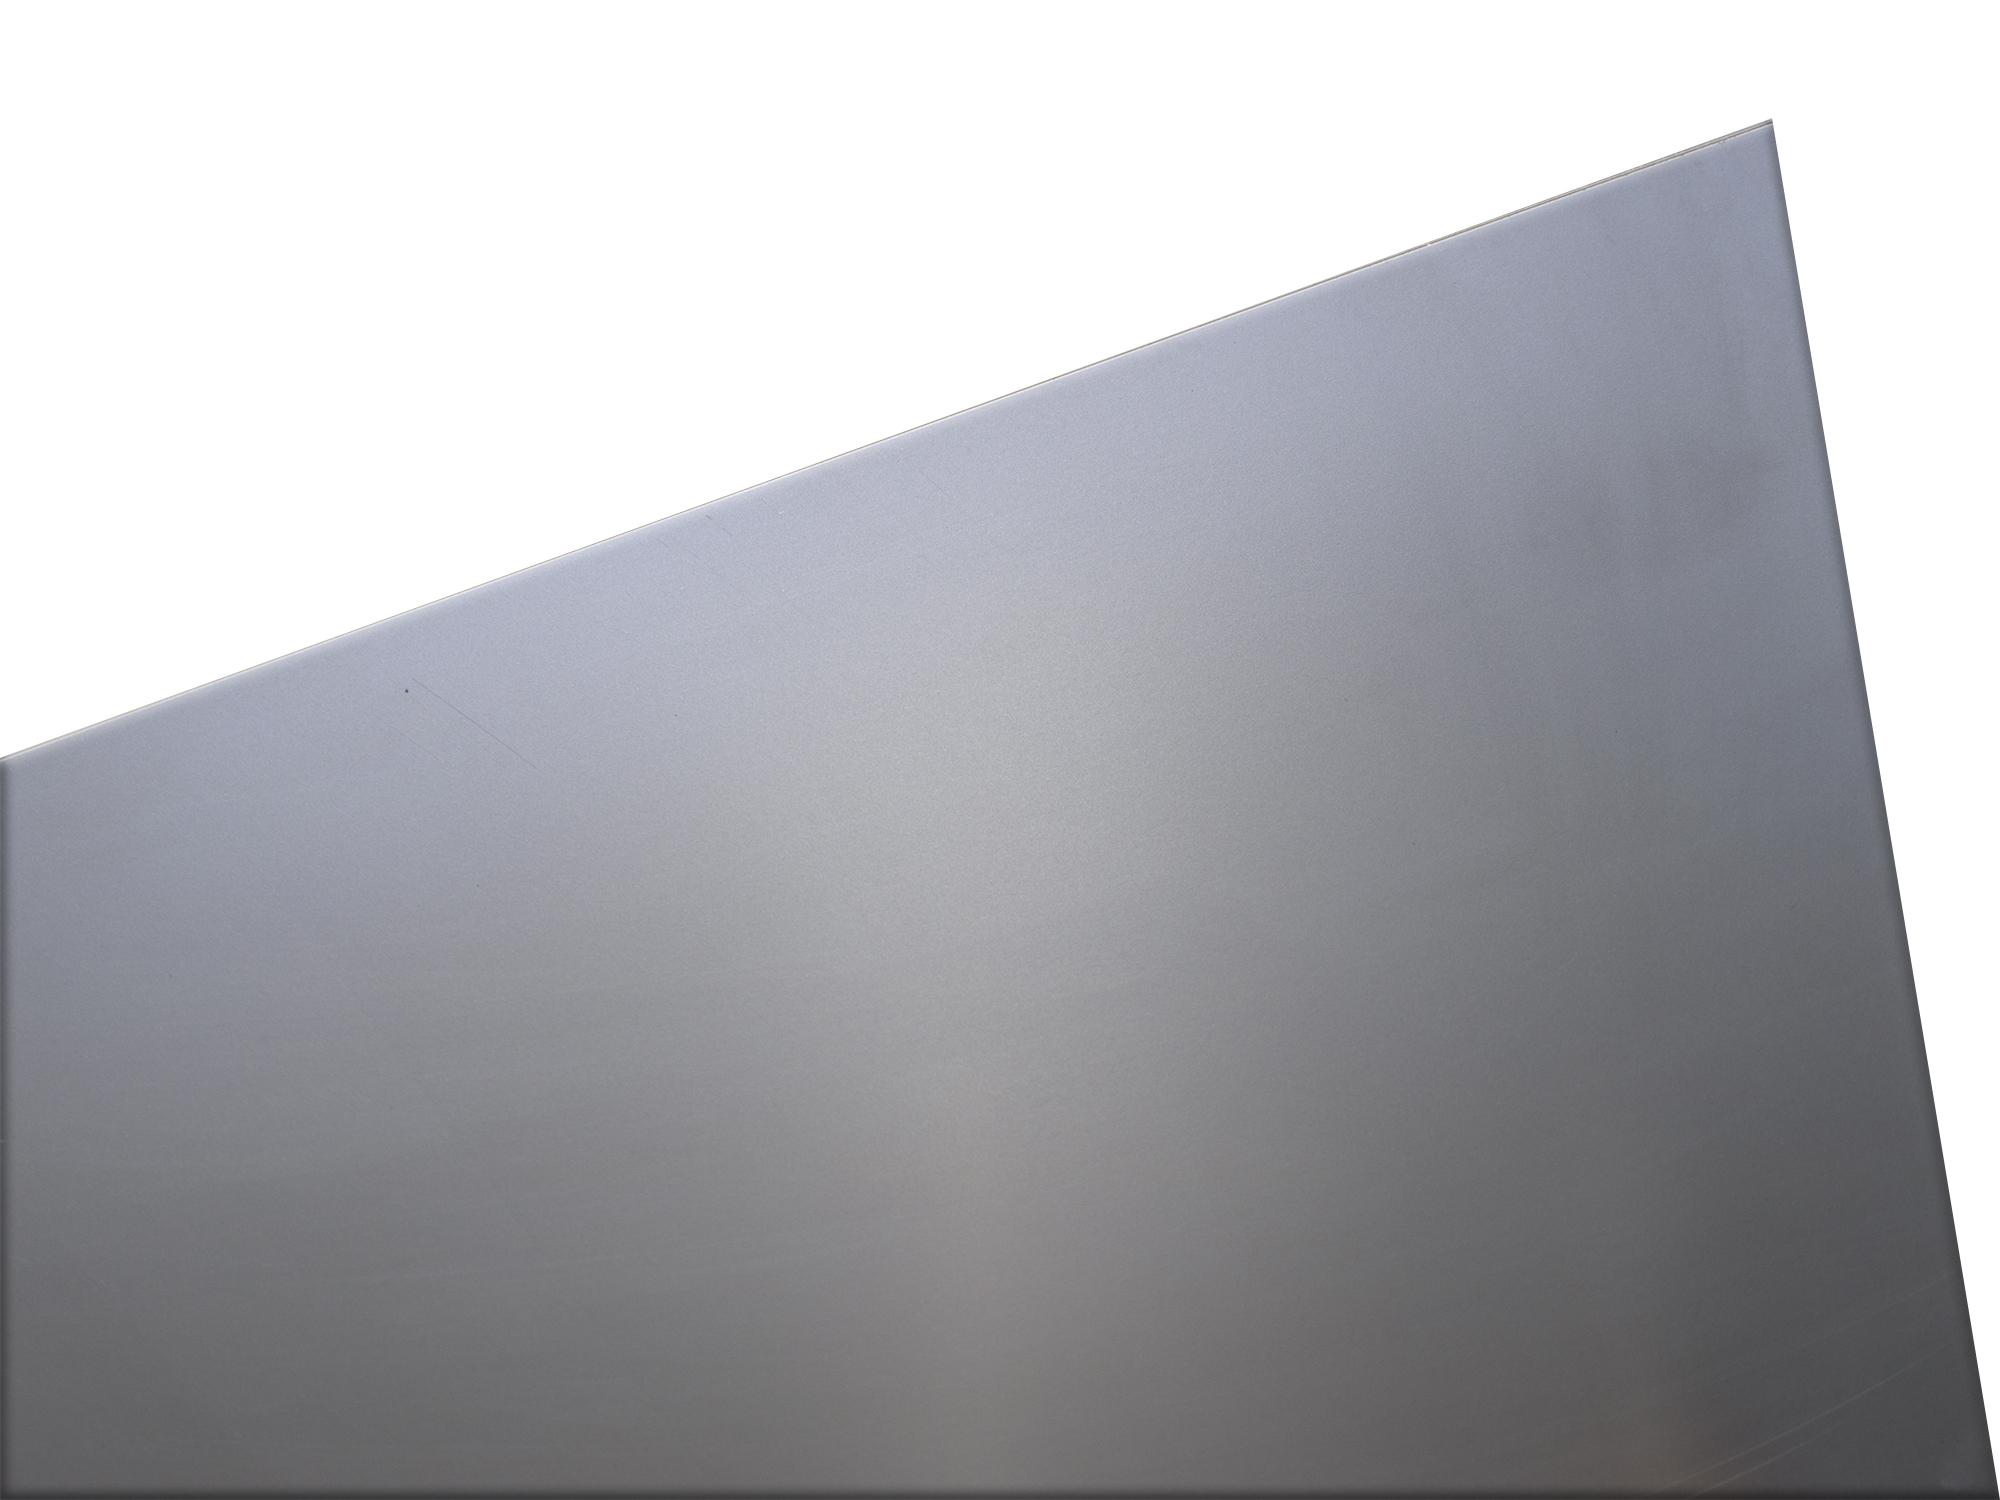 plaat staal 500 x 1000 x 3.00mm